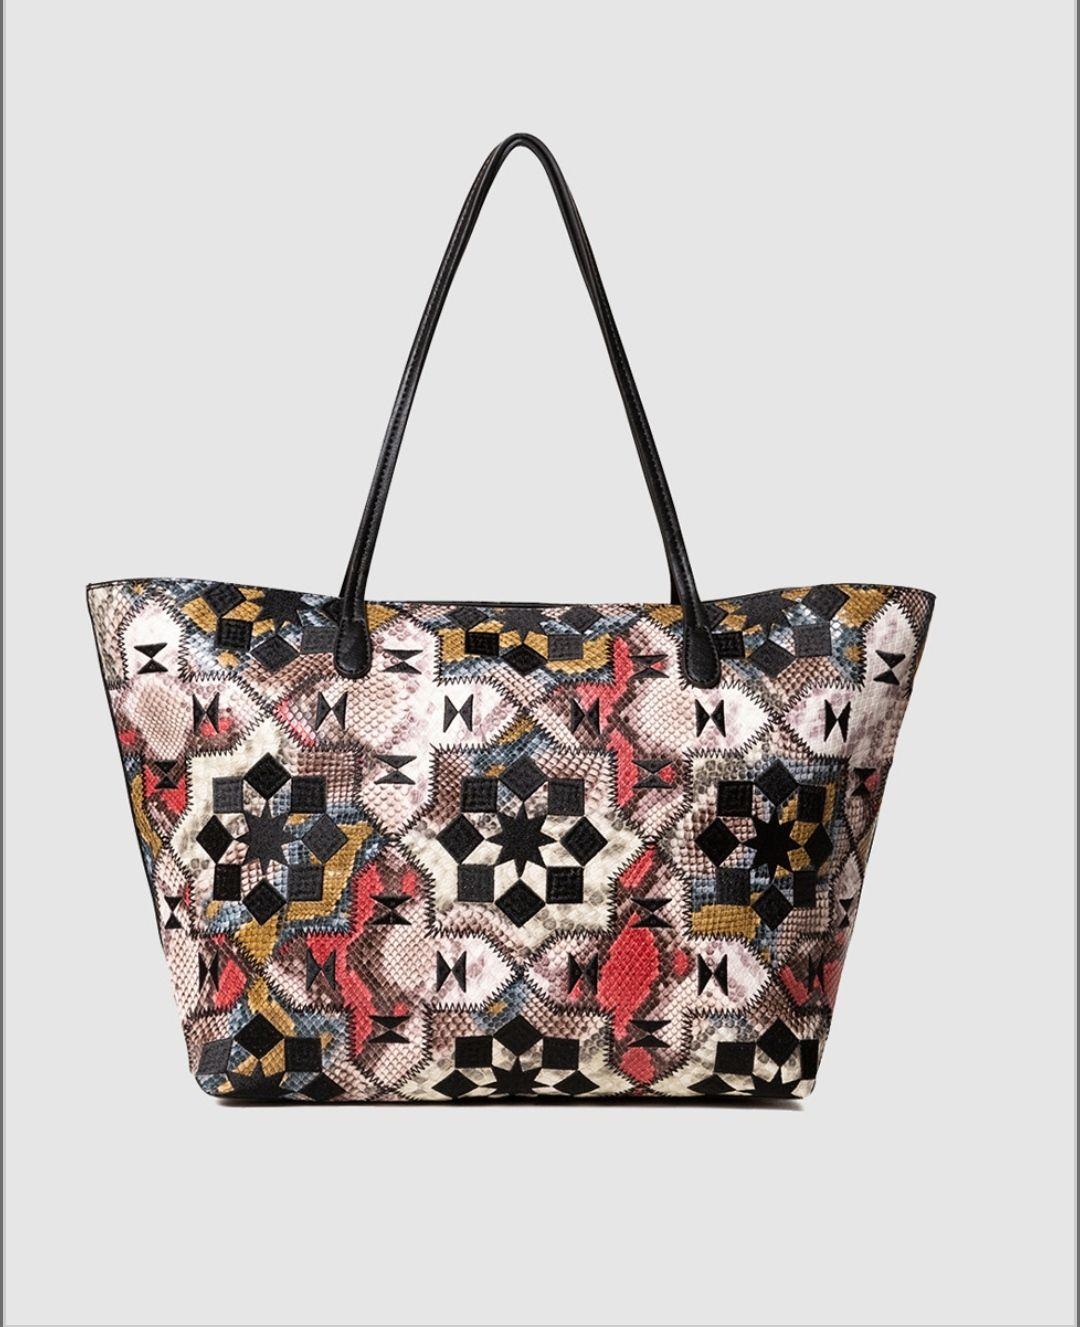 Shopping Desigual Octavia Sicilia multicolor con estampado ornamental